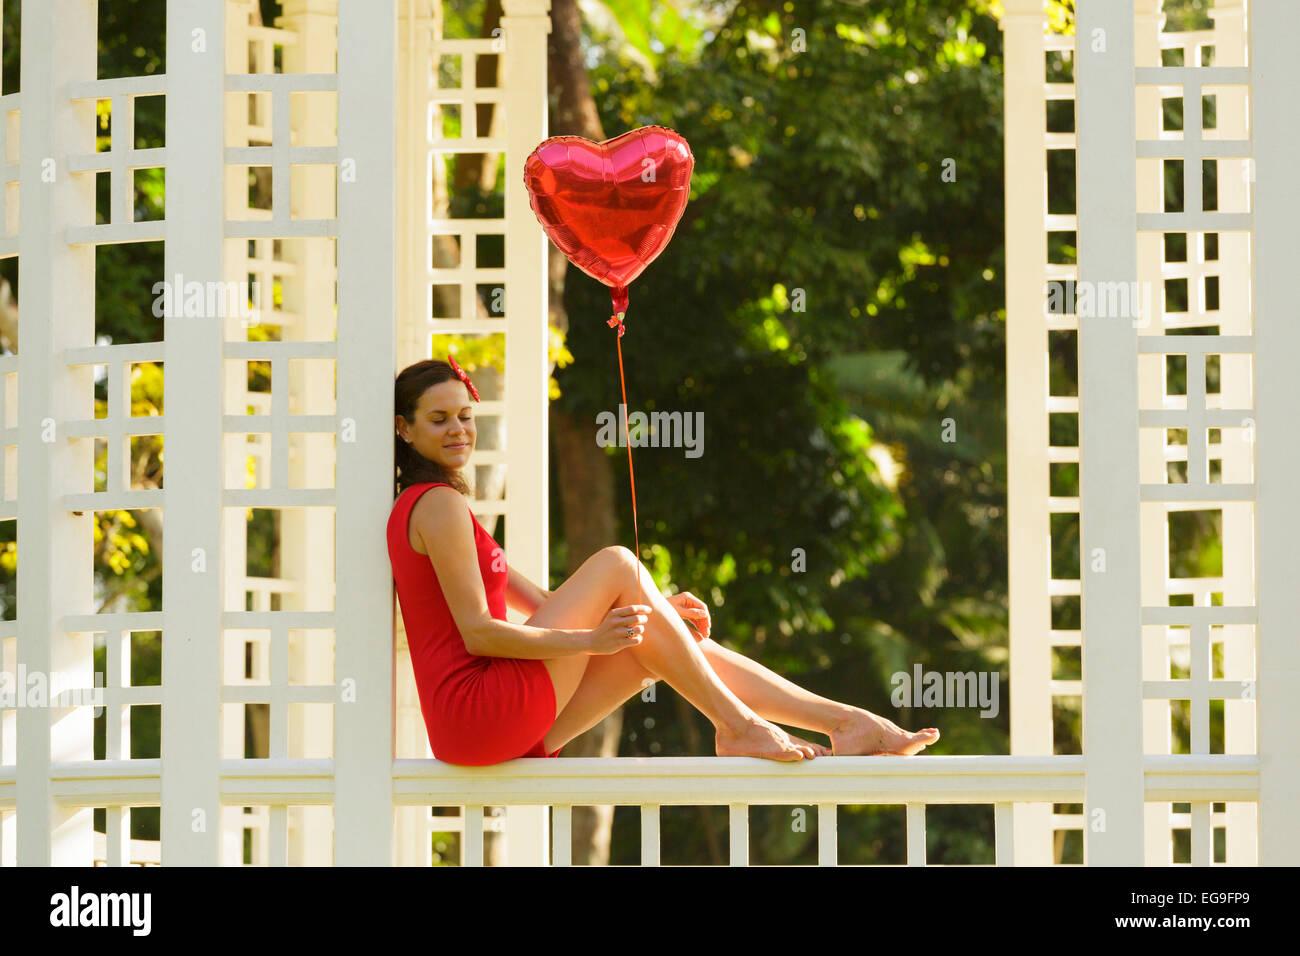 Mujer con globos con forma de corazón rojo sentado en un banco del parque Imagen De Stock